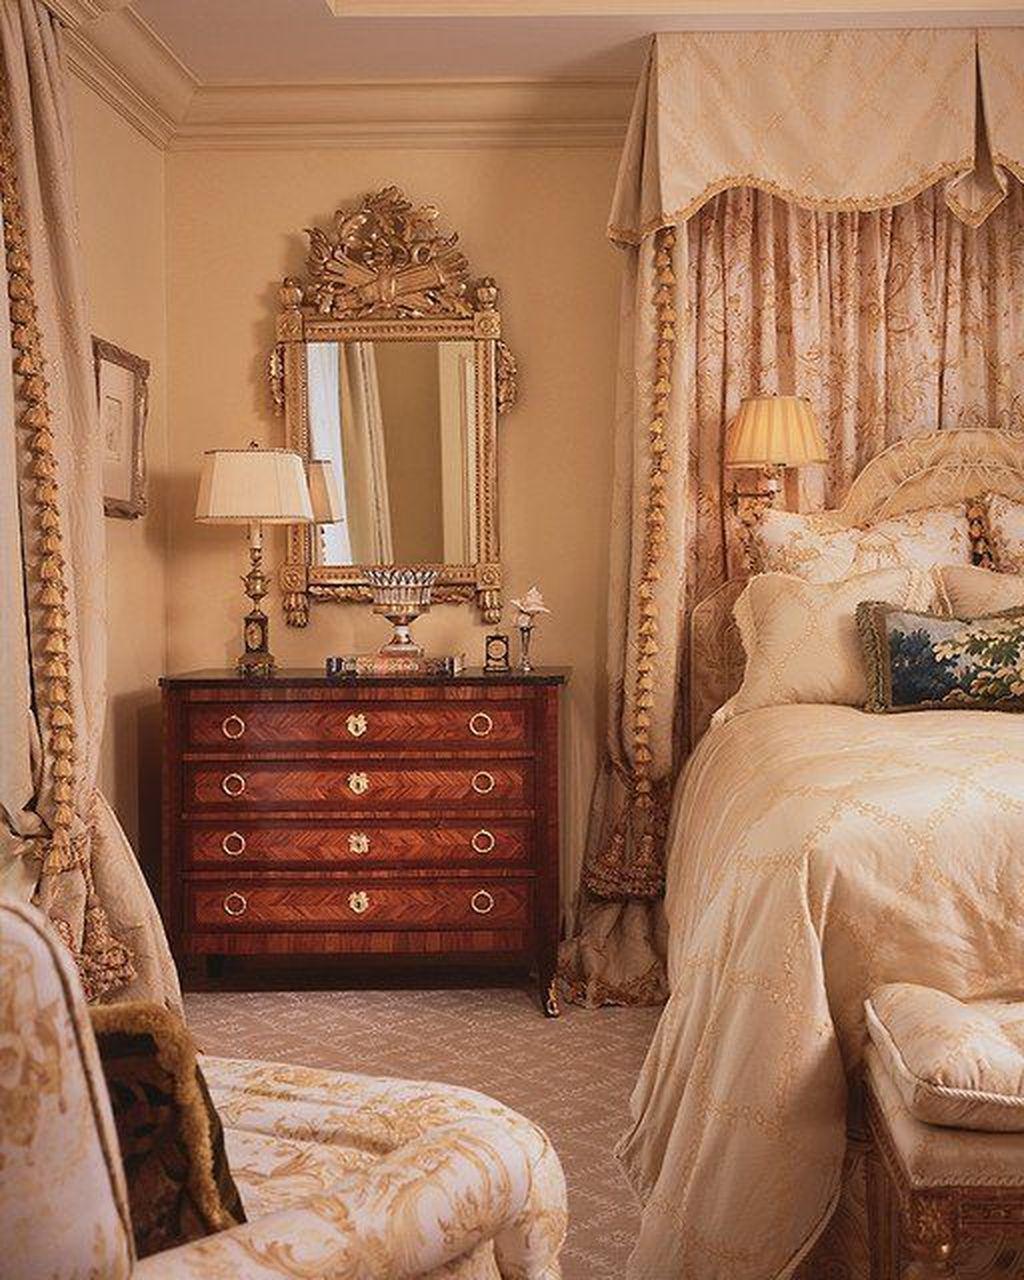 Inspiring Traditional Bedroom Decor Ideas 33